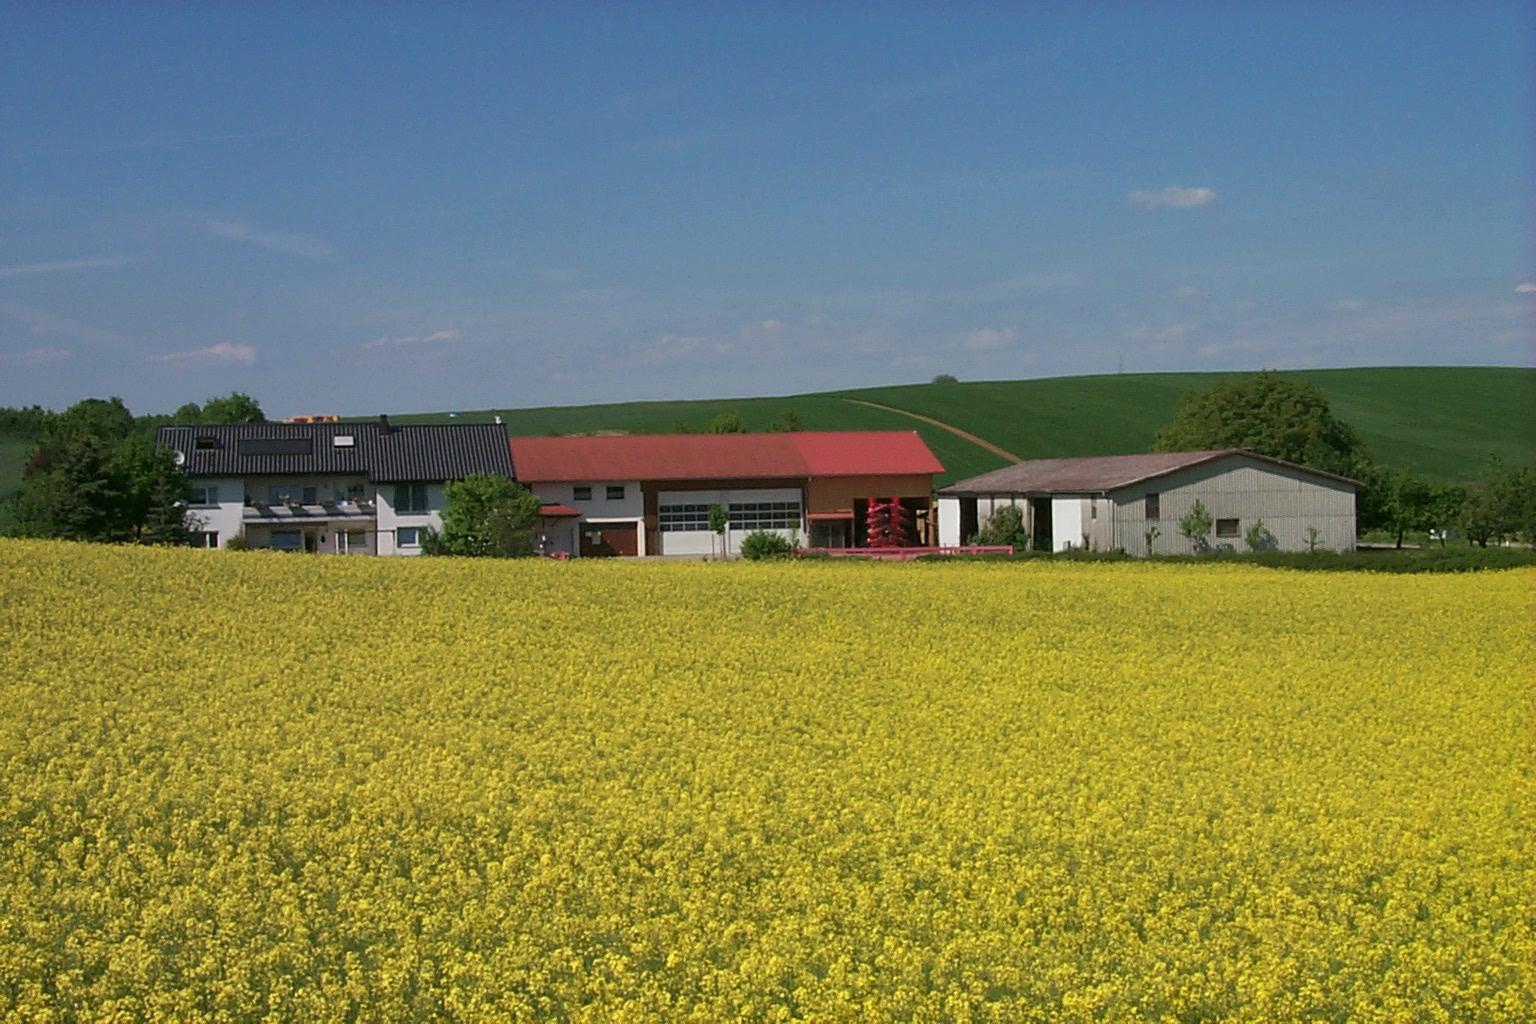 michaelsberg gundelsheim 1 mai